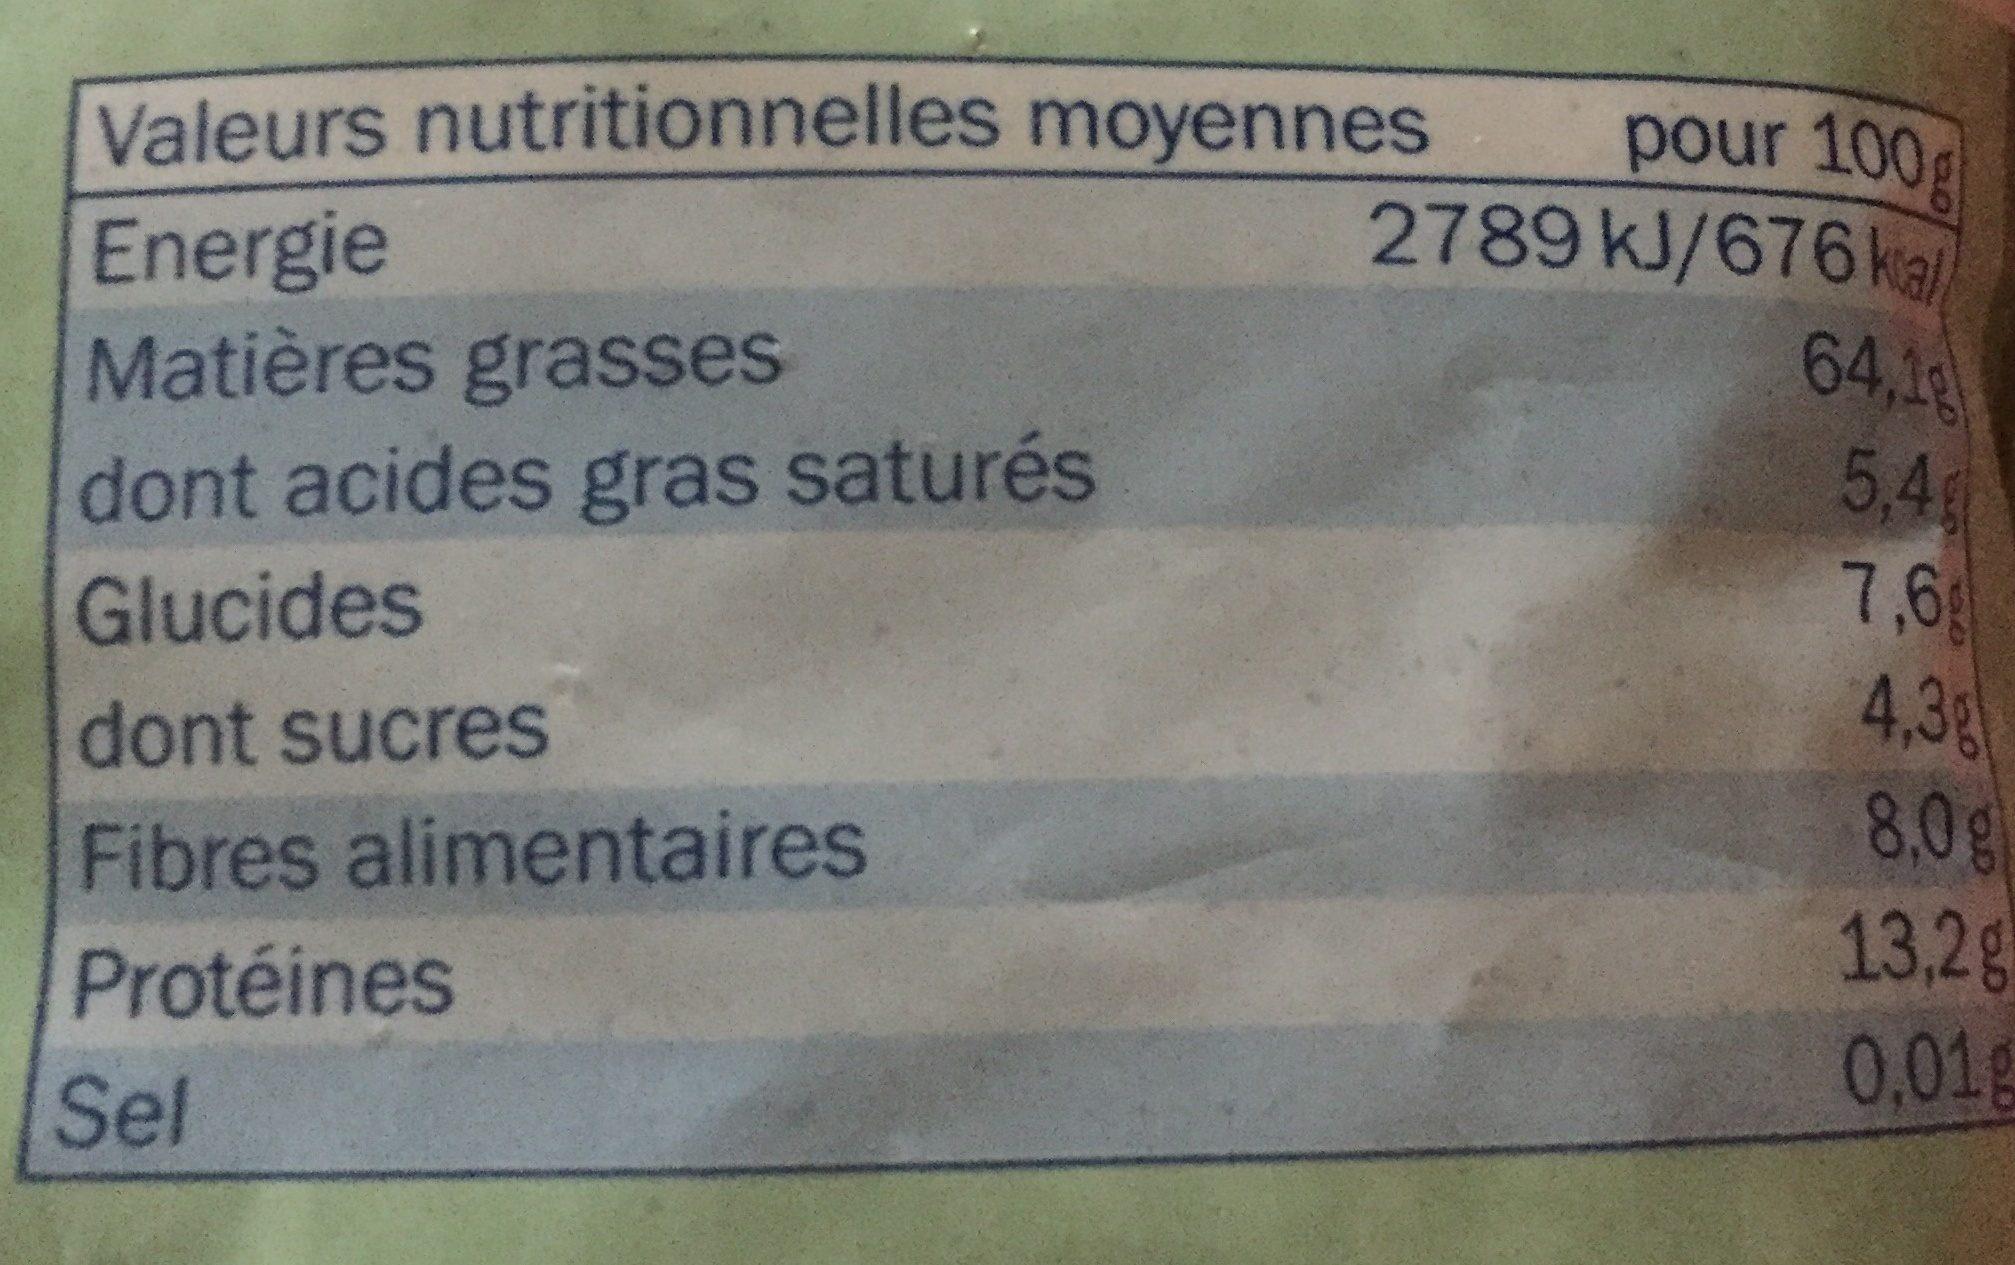 Noisettes en poudre - Nutrition facts - fr